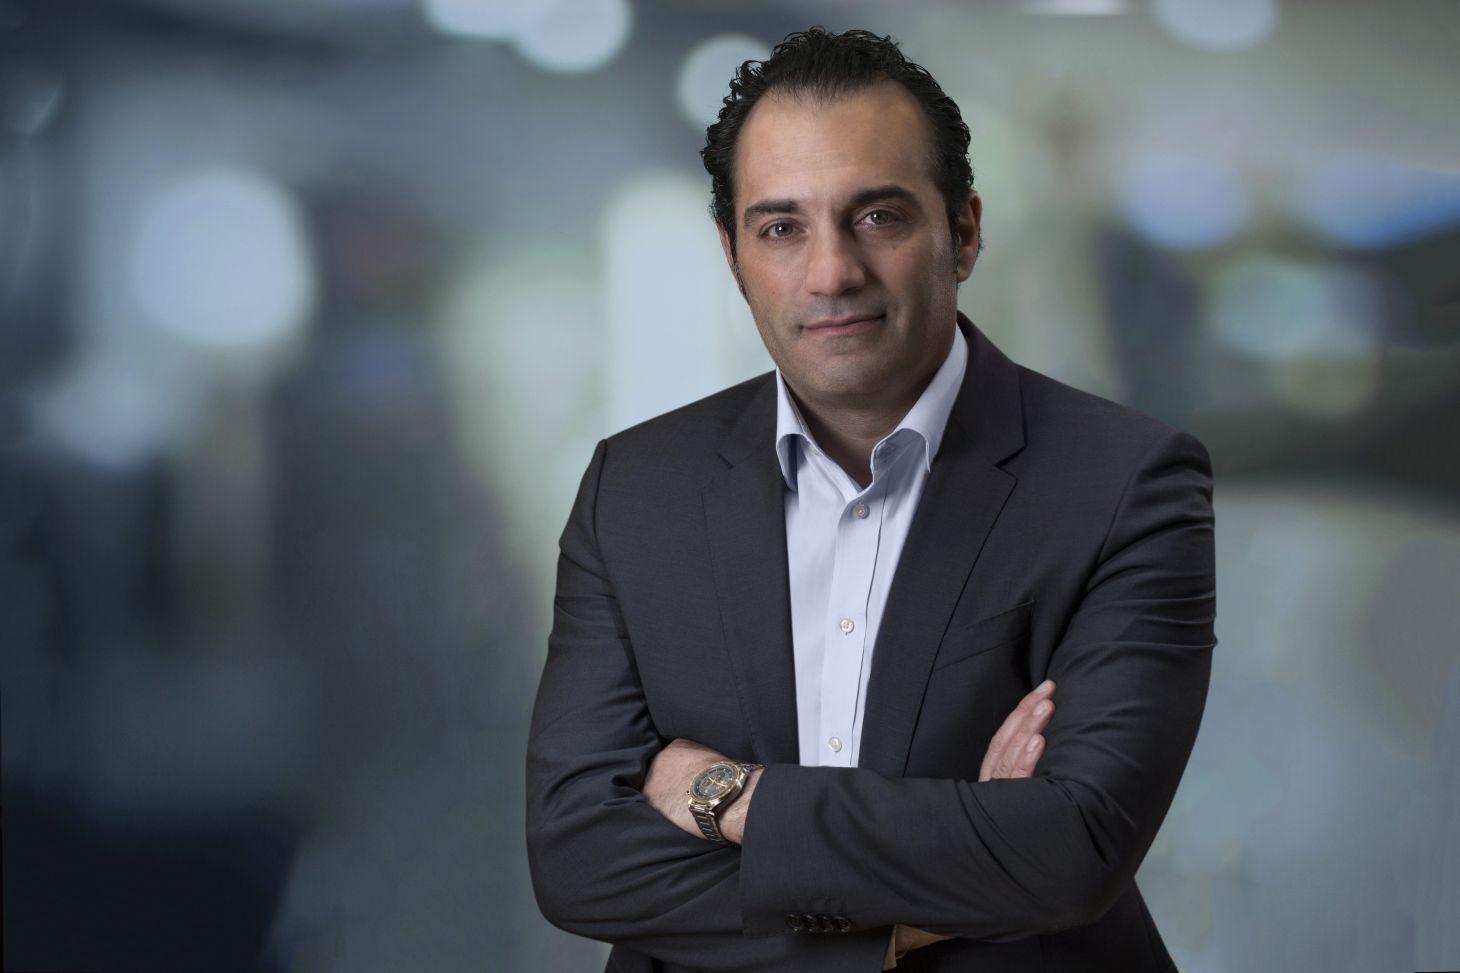 antonio filosa, da fca, fala sobre as perspectivas para o mercado brasileiro em entrevista